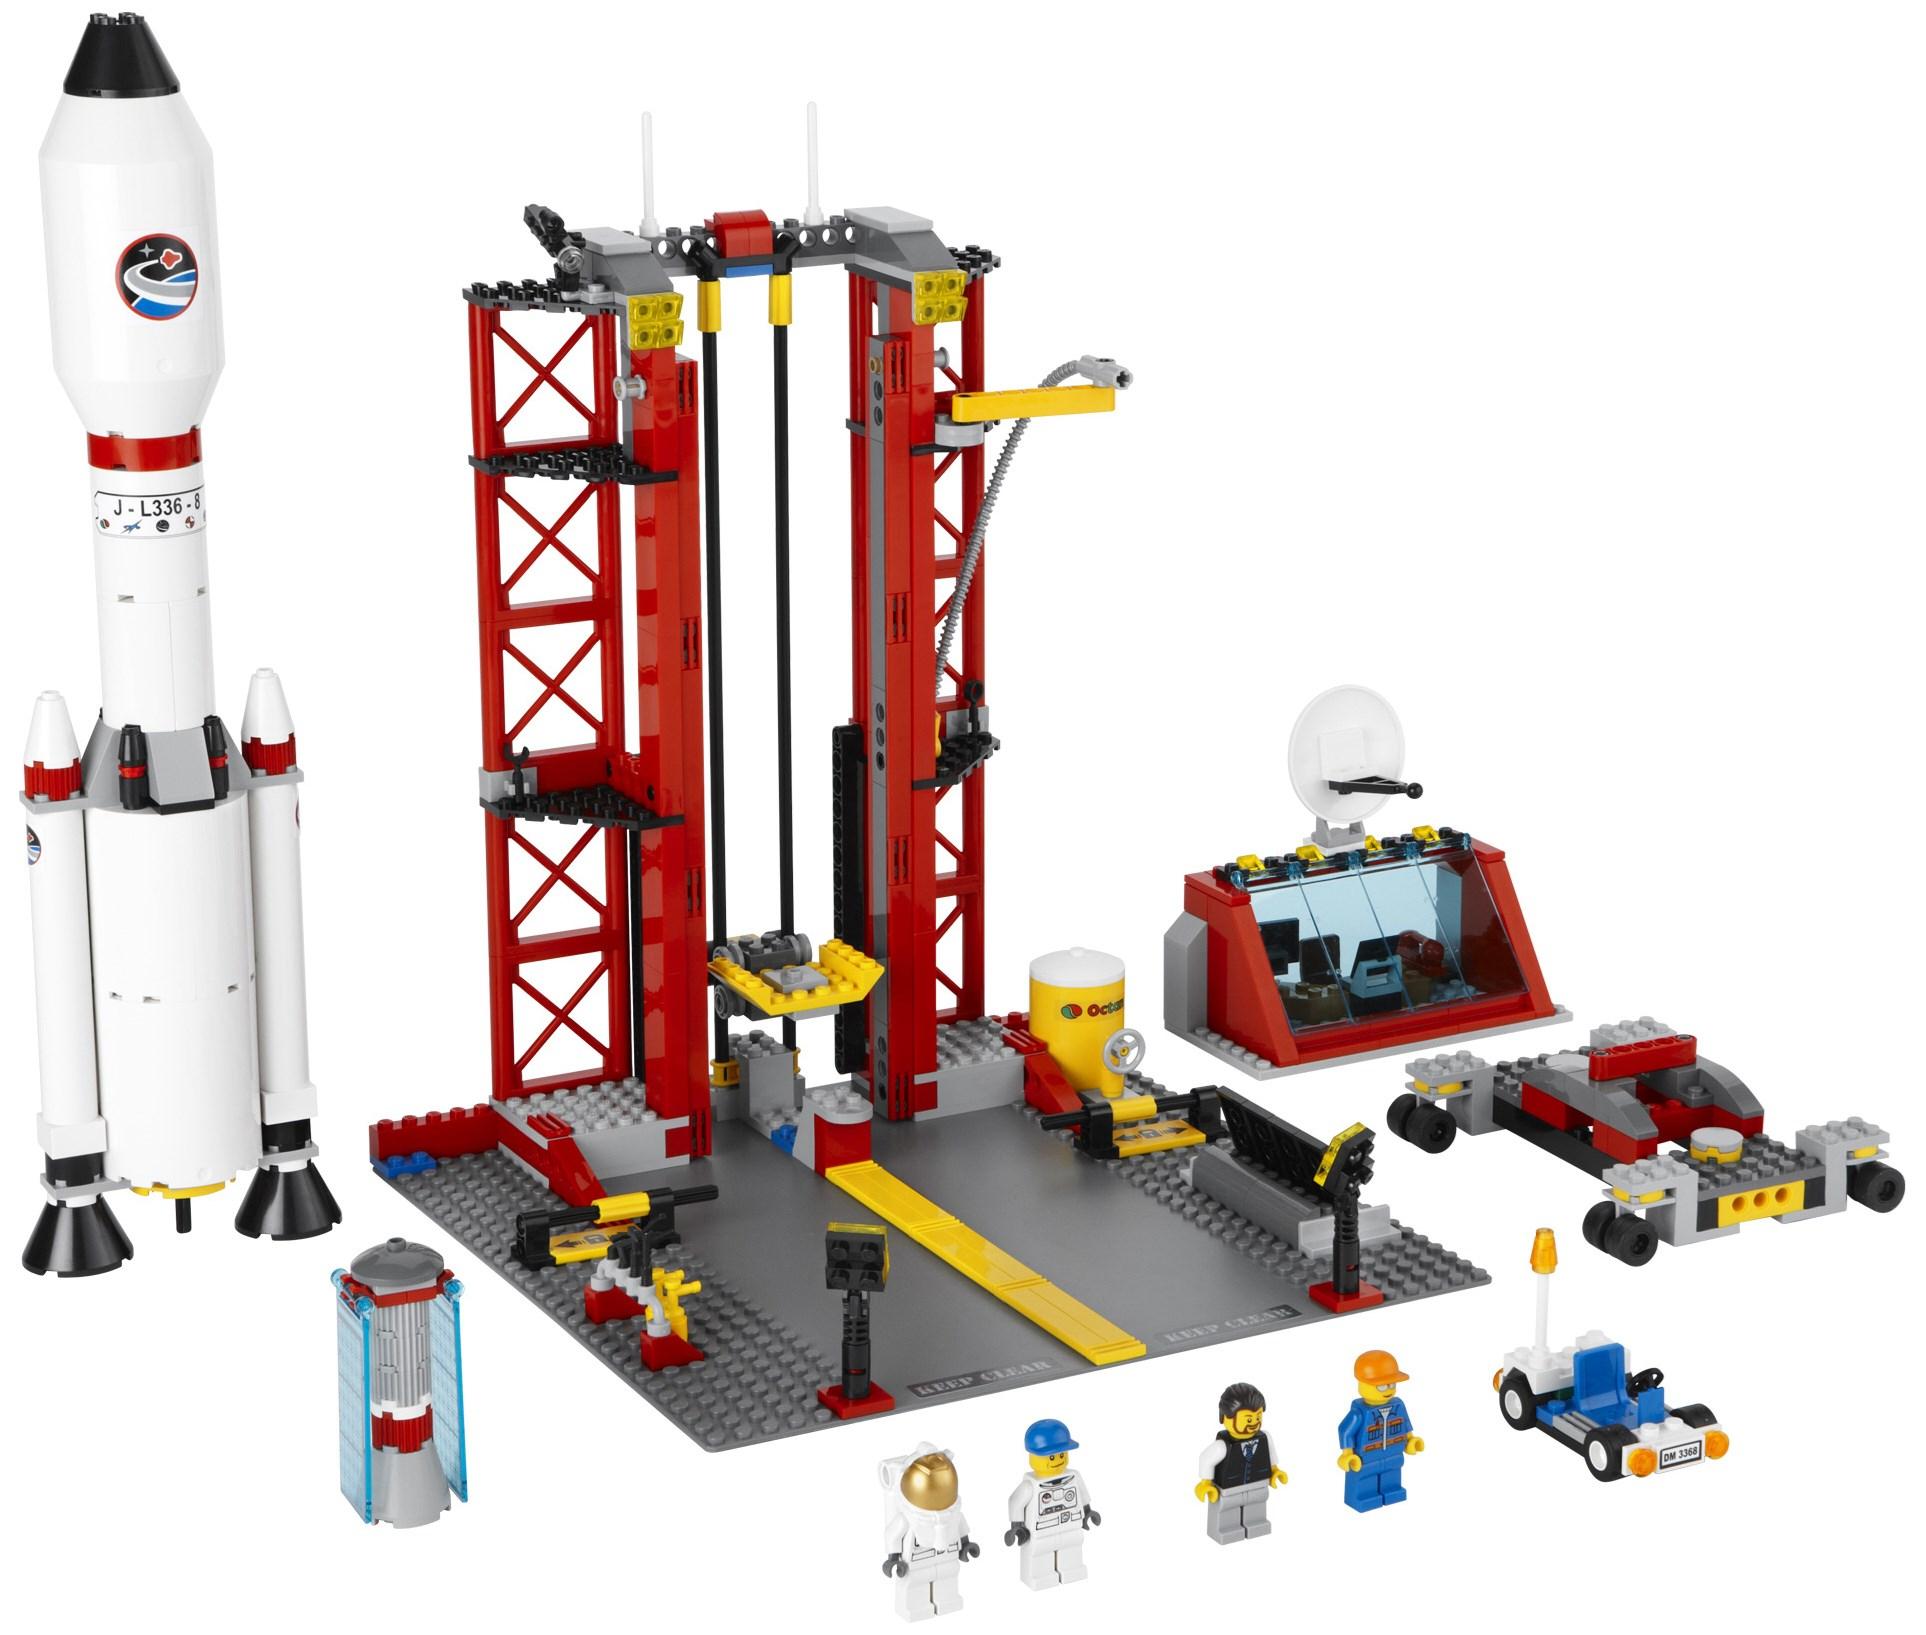 LEGO 3368 City